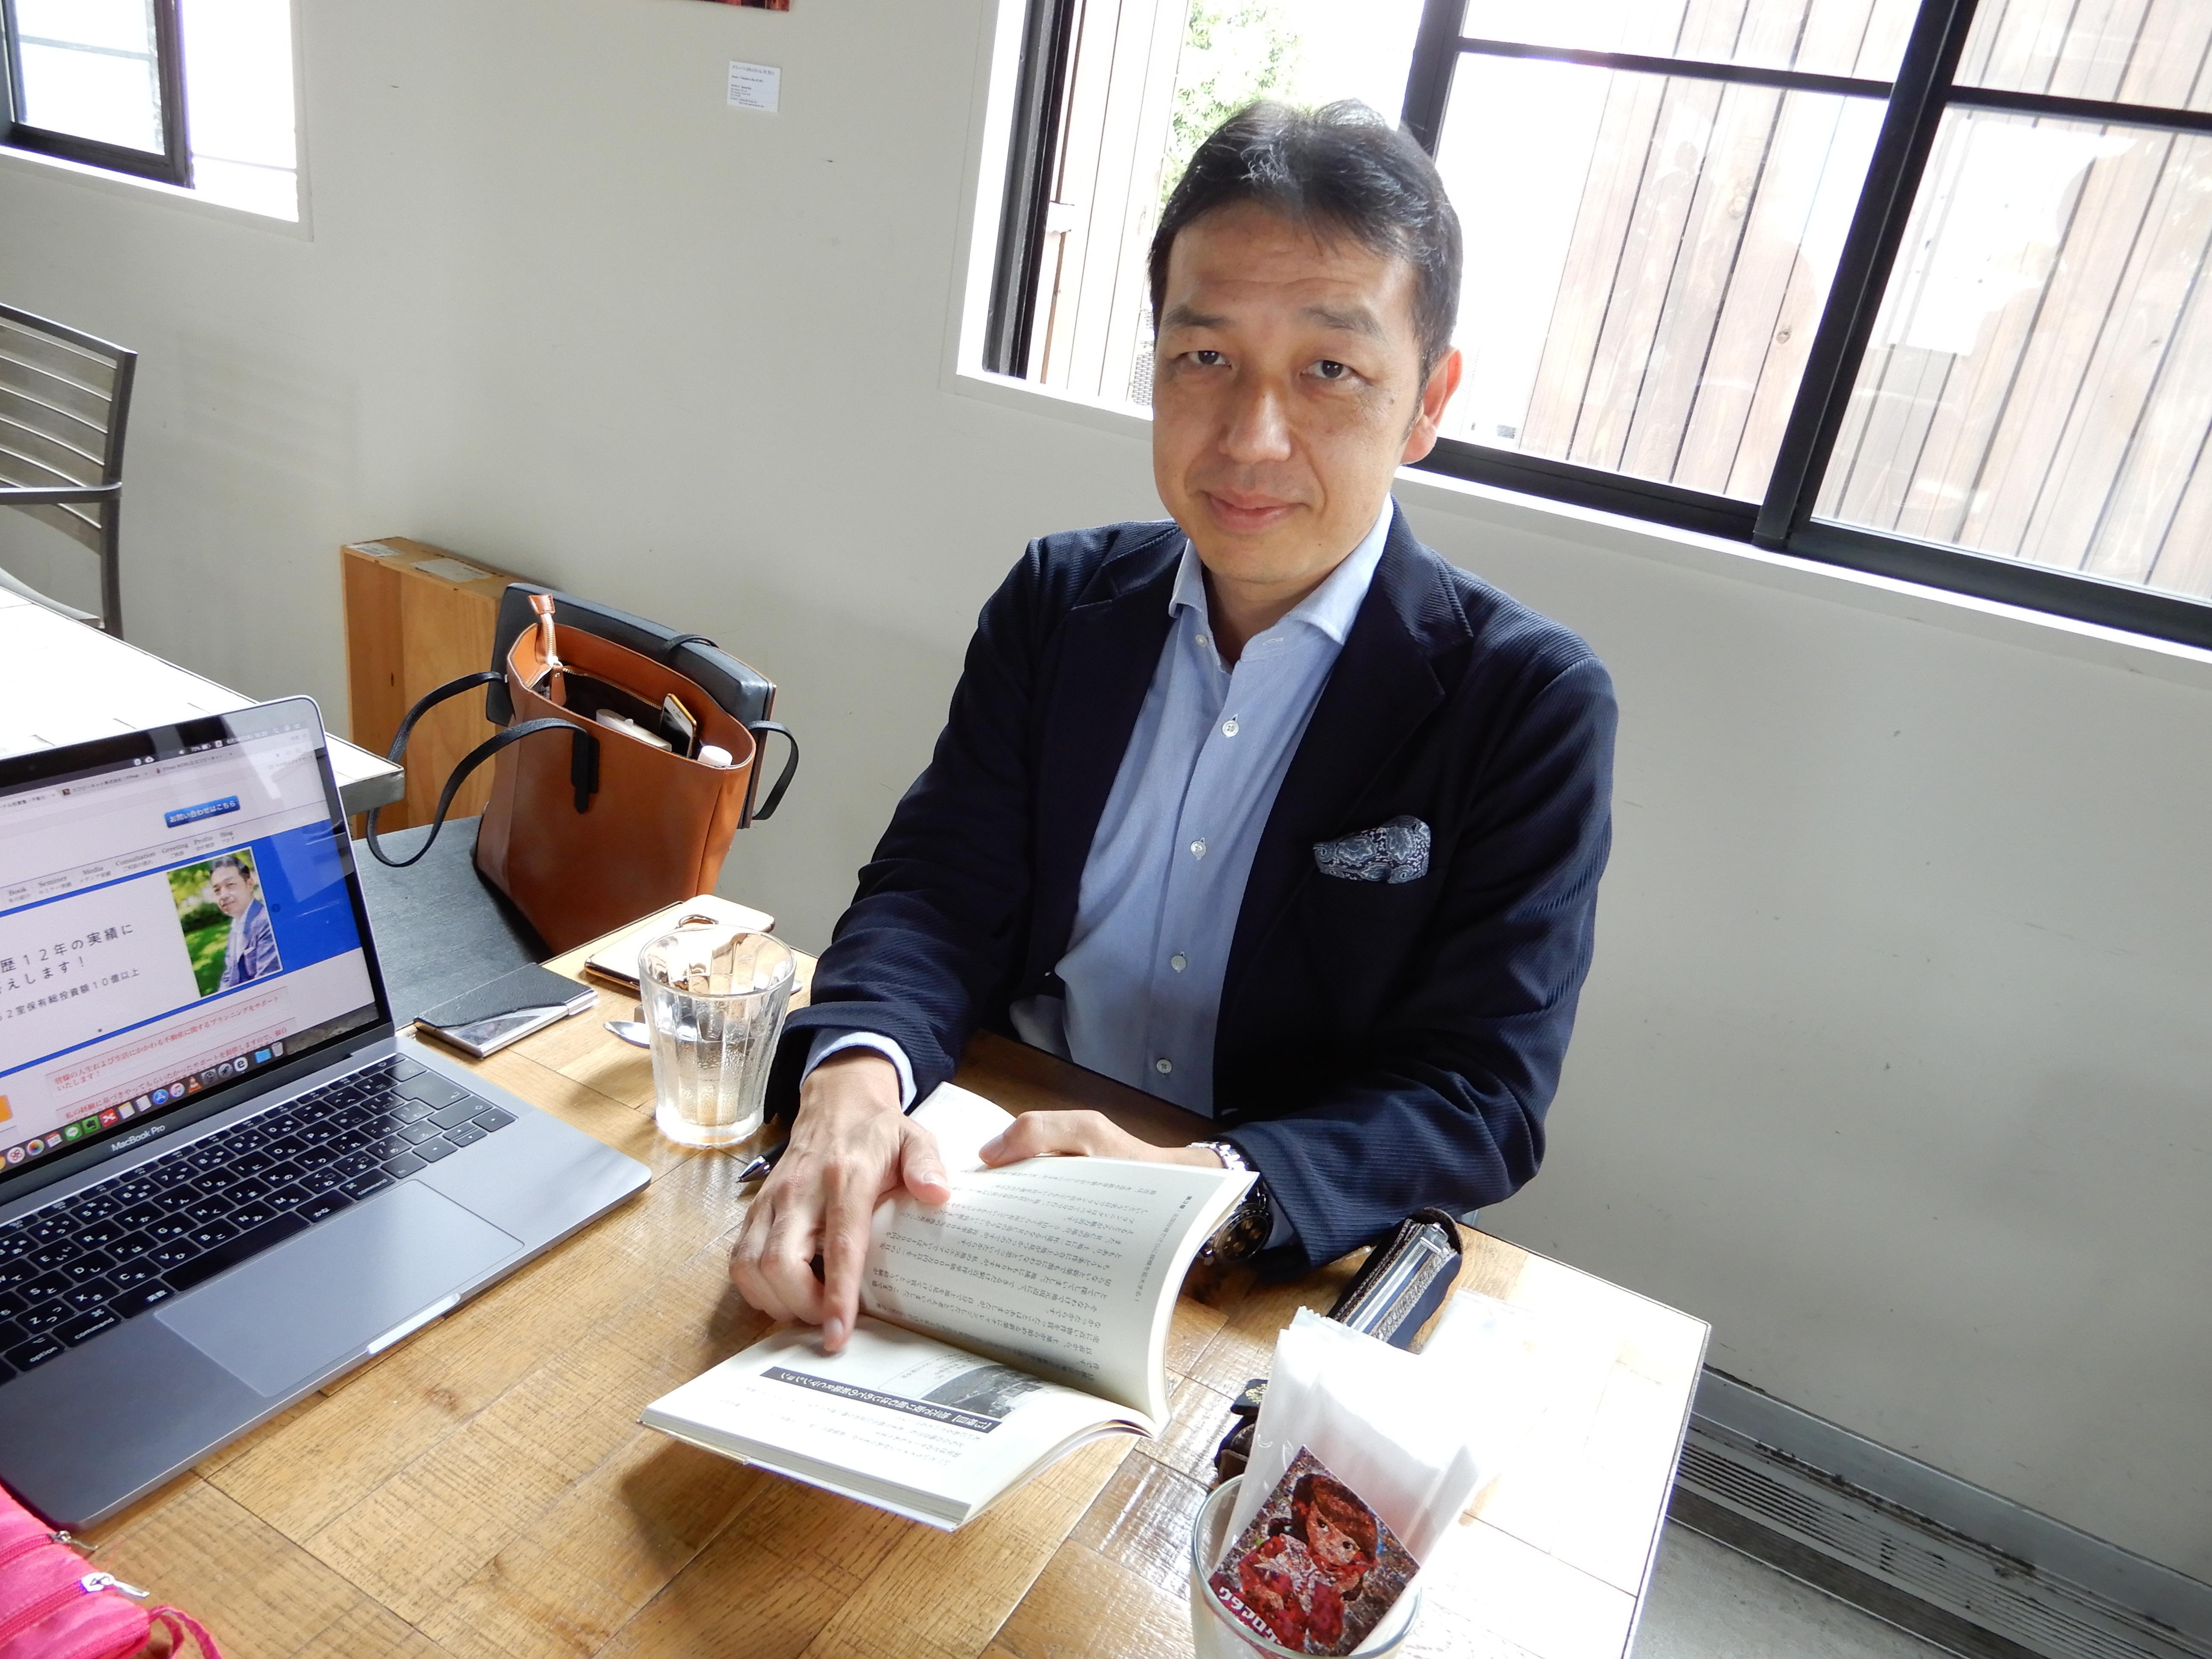 第2話 永遠の自由を手に入れるために。あなたも学んでみませんか。独自の投資手法でセミリタイアを果たした不動産投資家・田中宏貴さんインタビュー